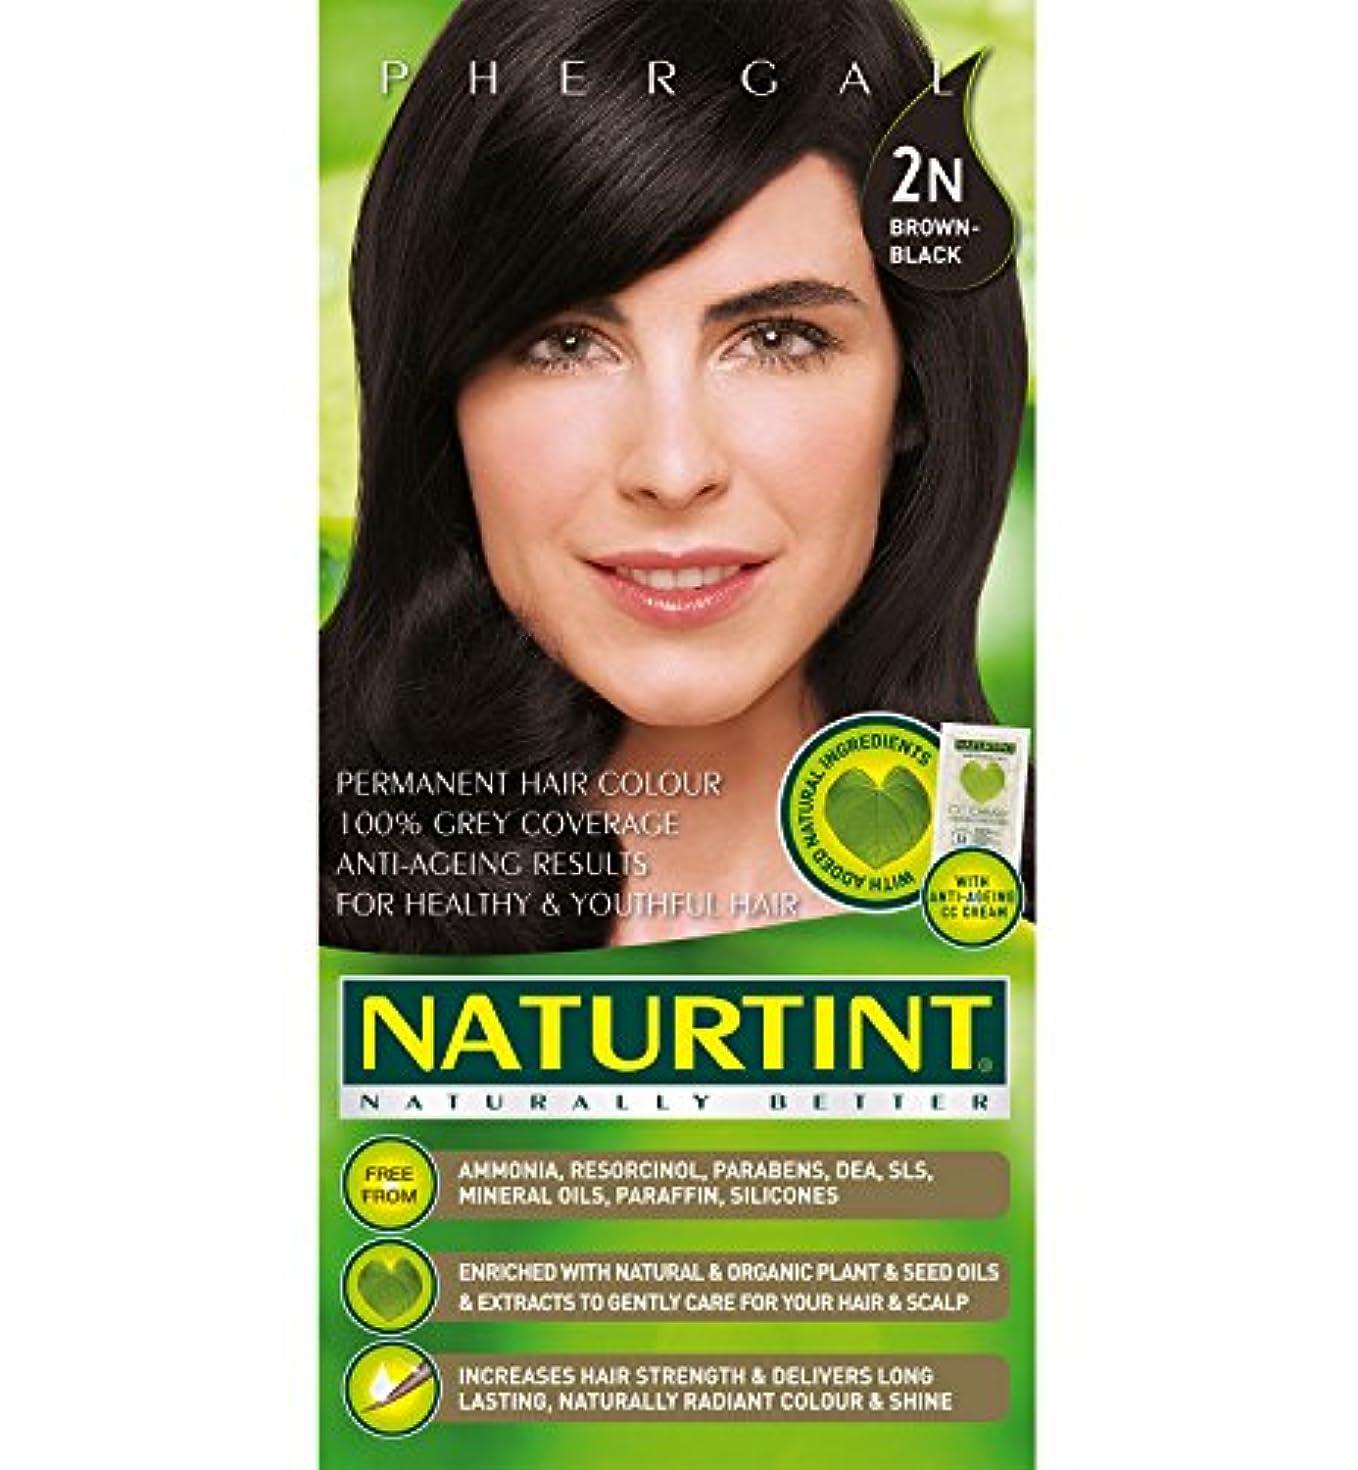 余暇量ホームレスNaturtint Hair Color 2N Brown Black Permanent (並行輸入品)